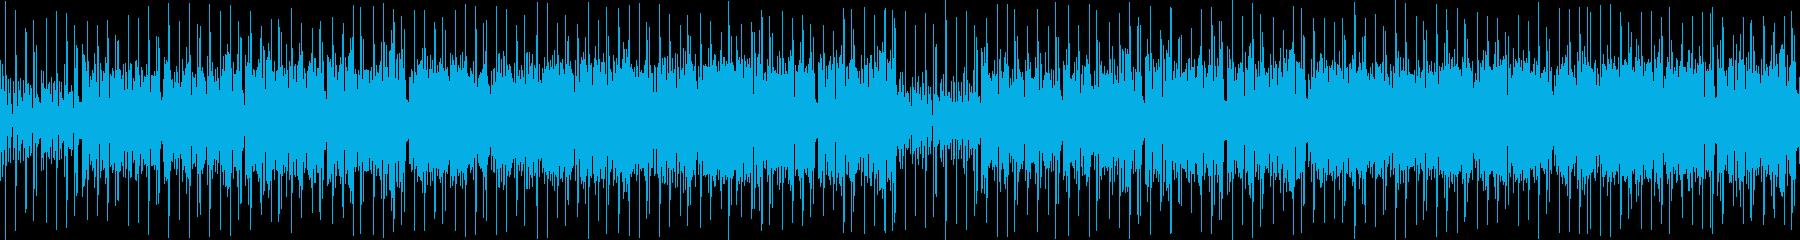 パズルゲーム風のかわいい音楽の再生済みの波形